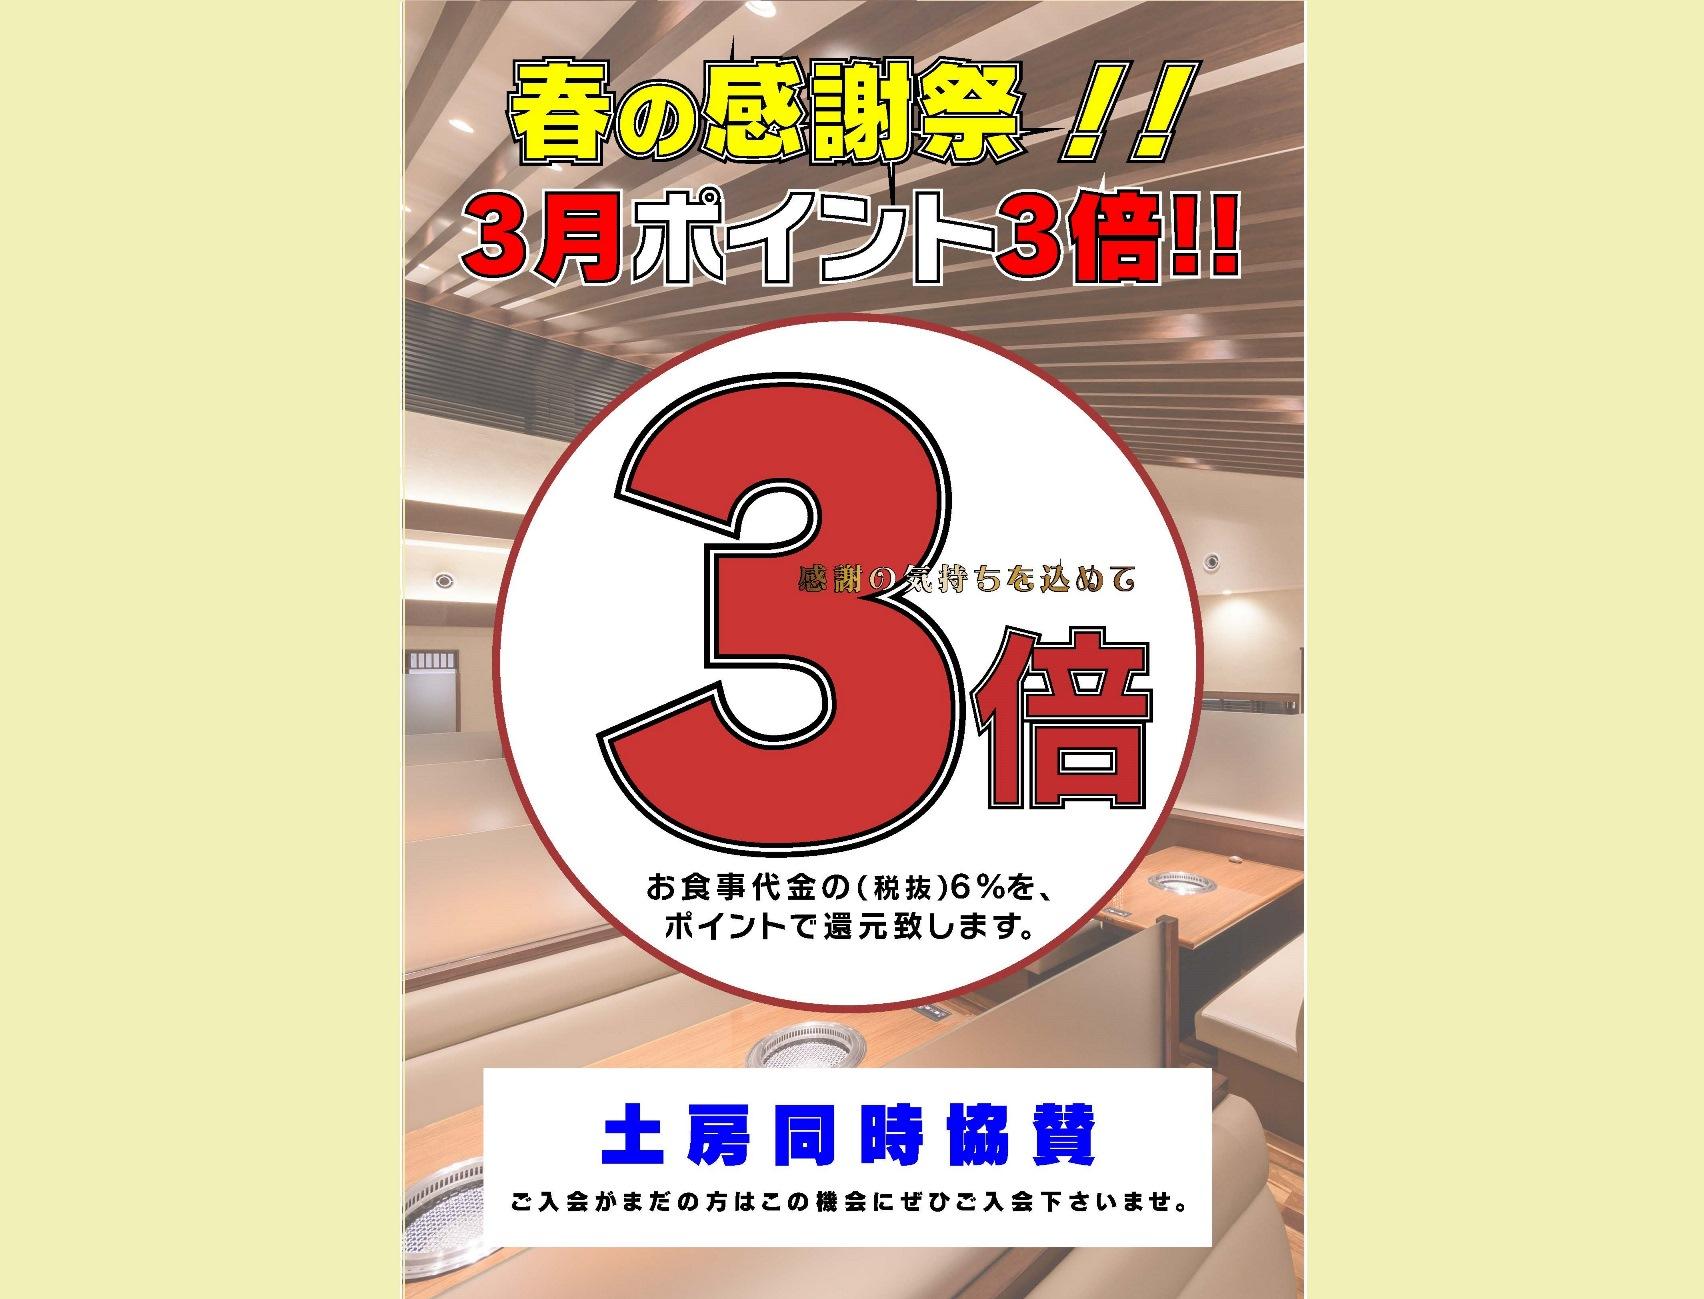 彩炉◆2021年3月ポイント3倍